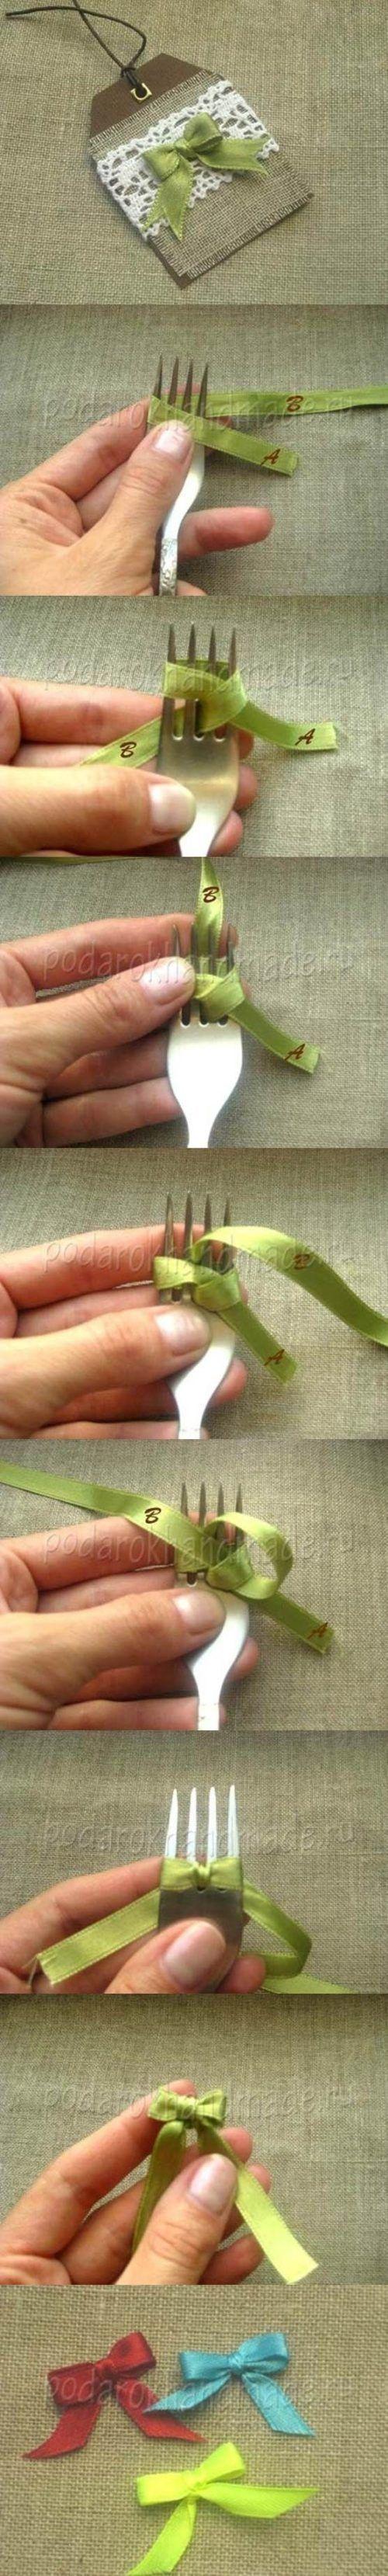 Schleifen binden mit einer Gabel  Fork Bows